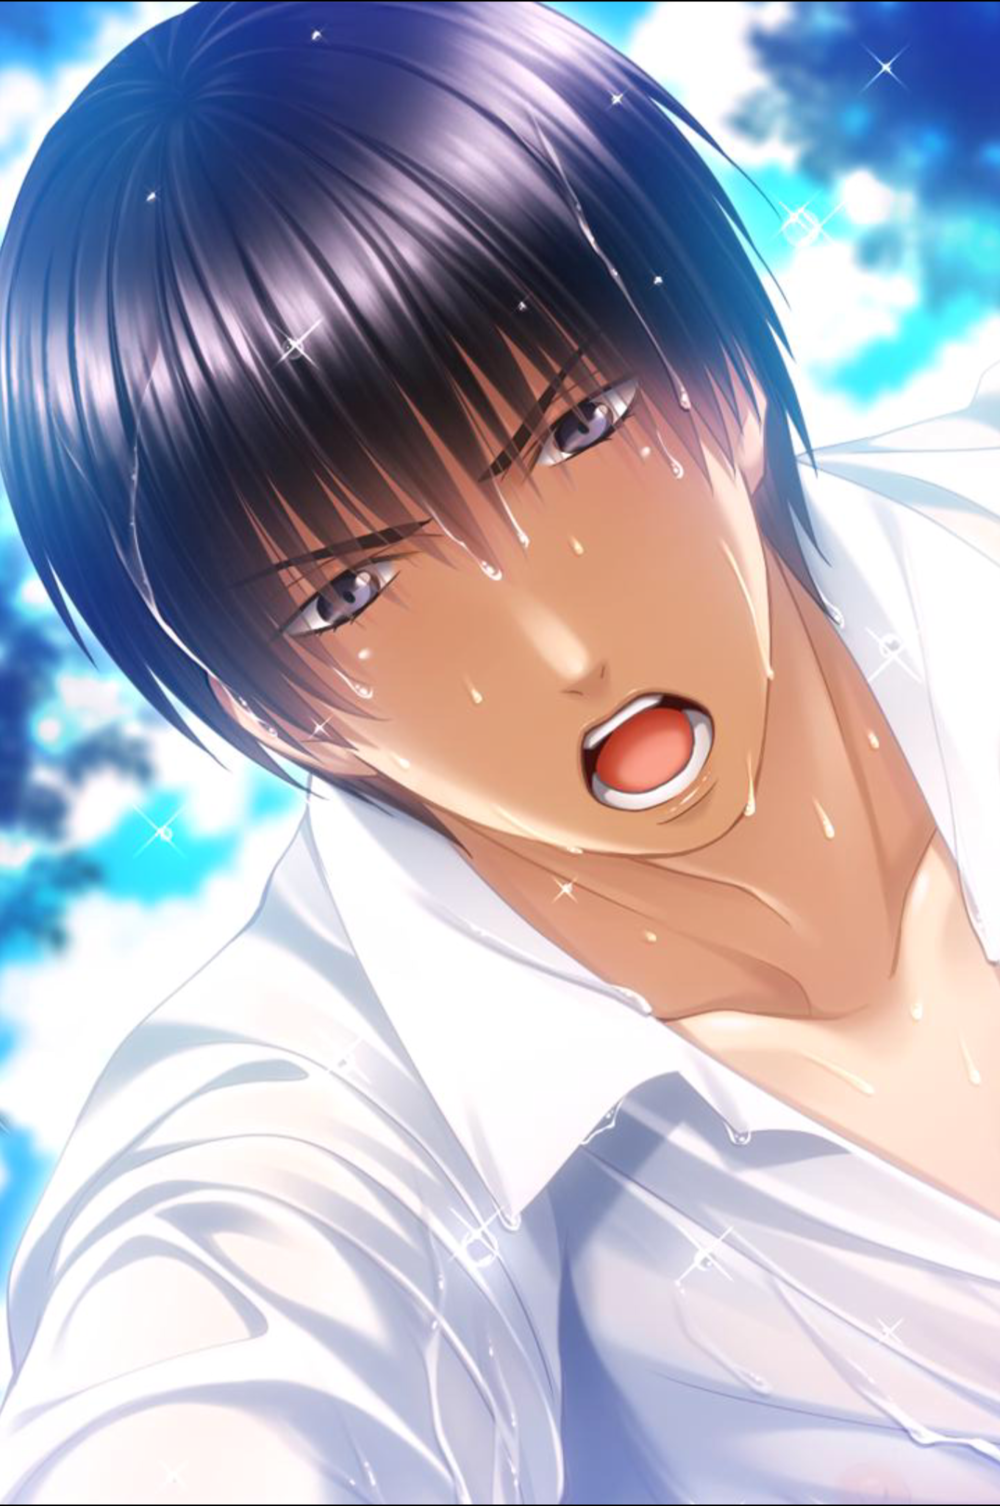 Makoto: Chapter 2